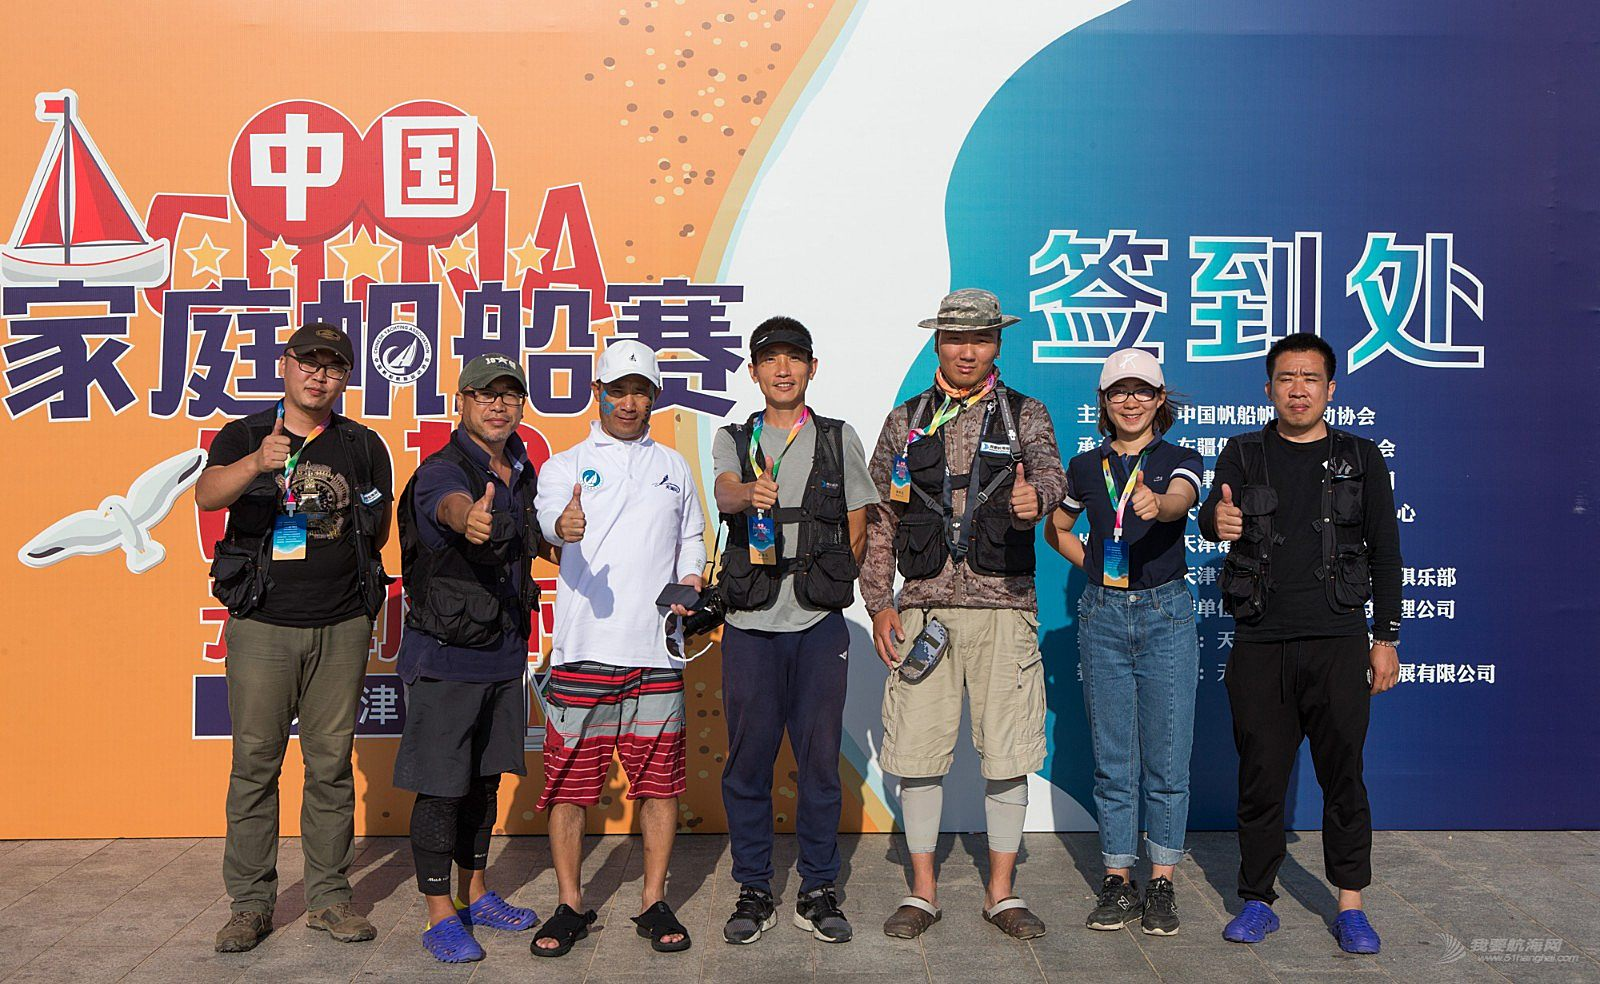 2018中国家庭帆船赛天津站天海风杯9月9日新闻访谈